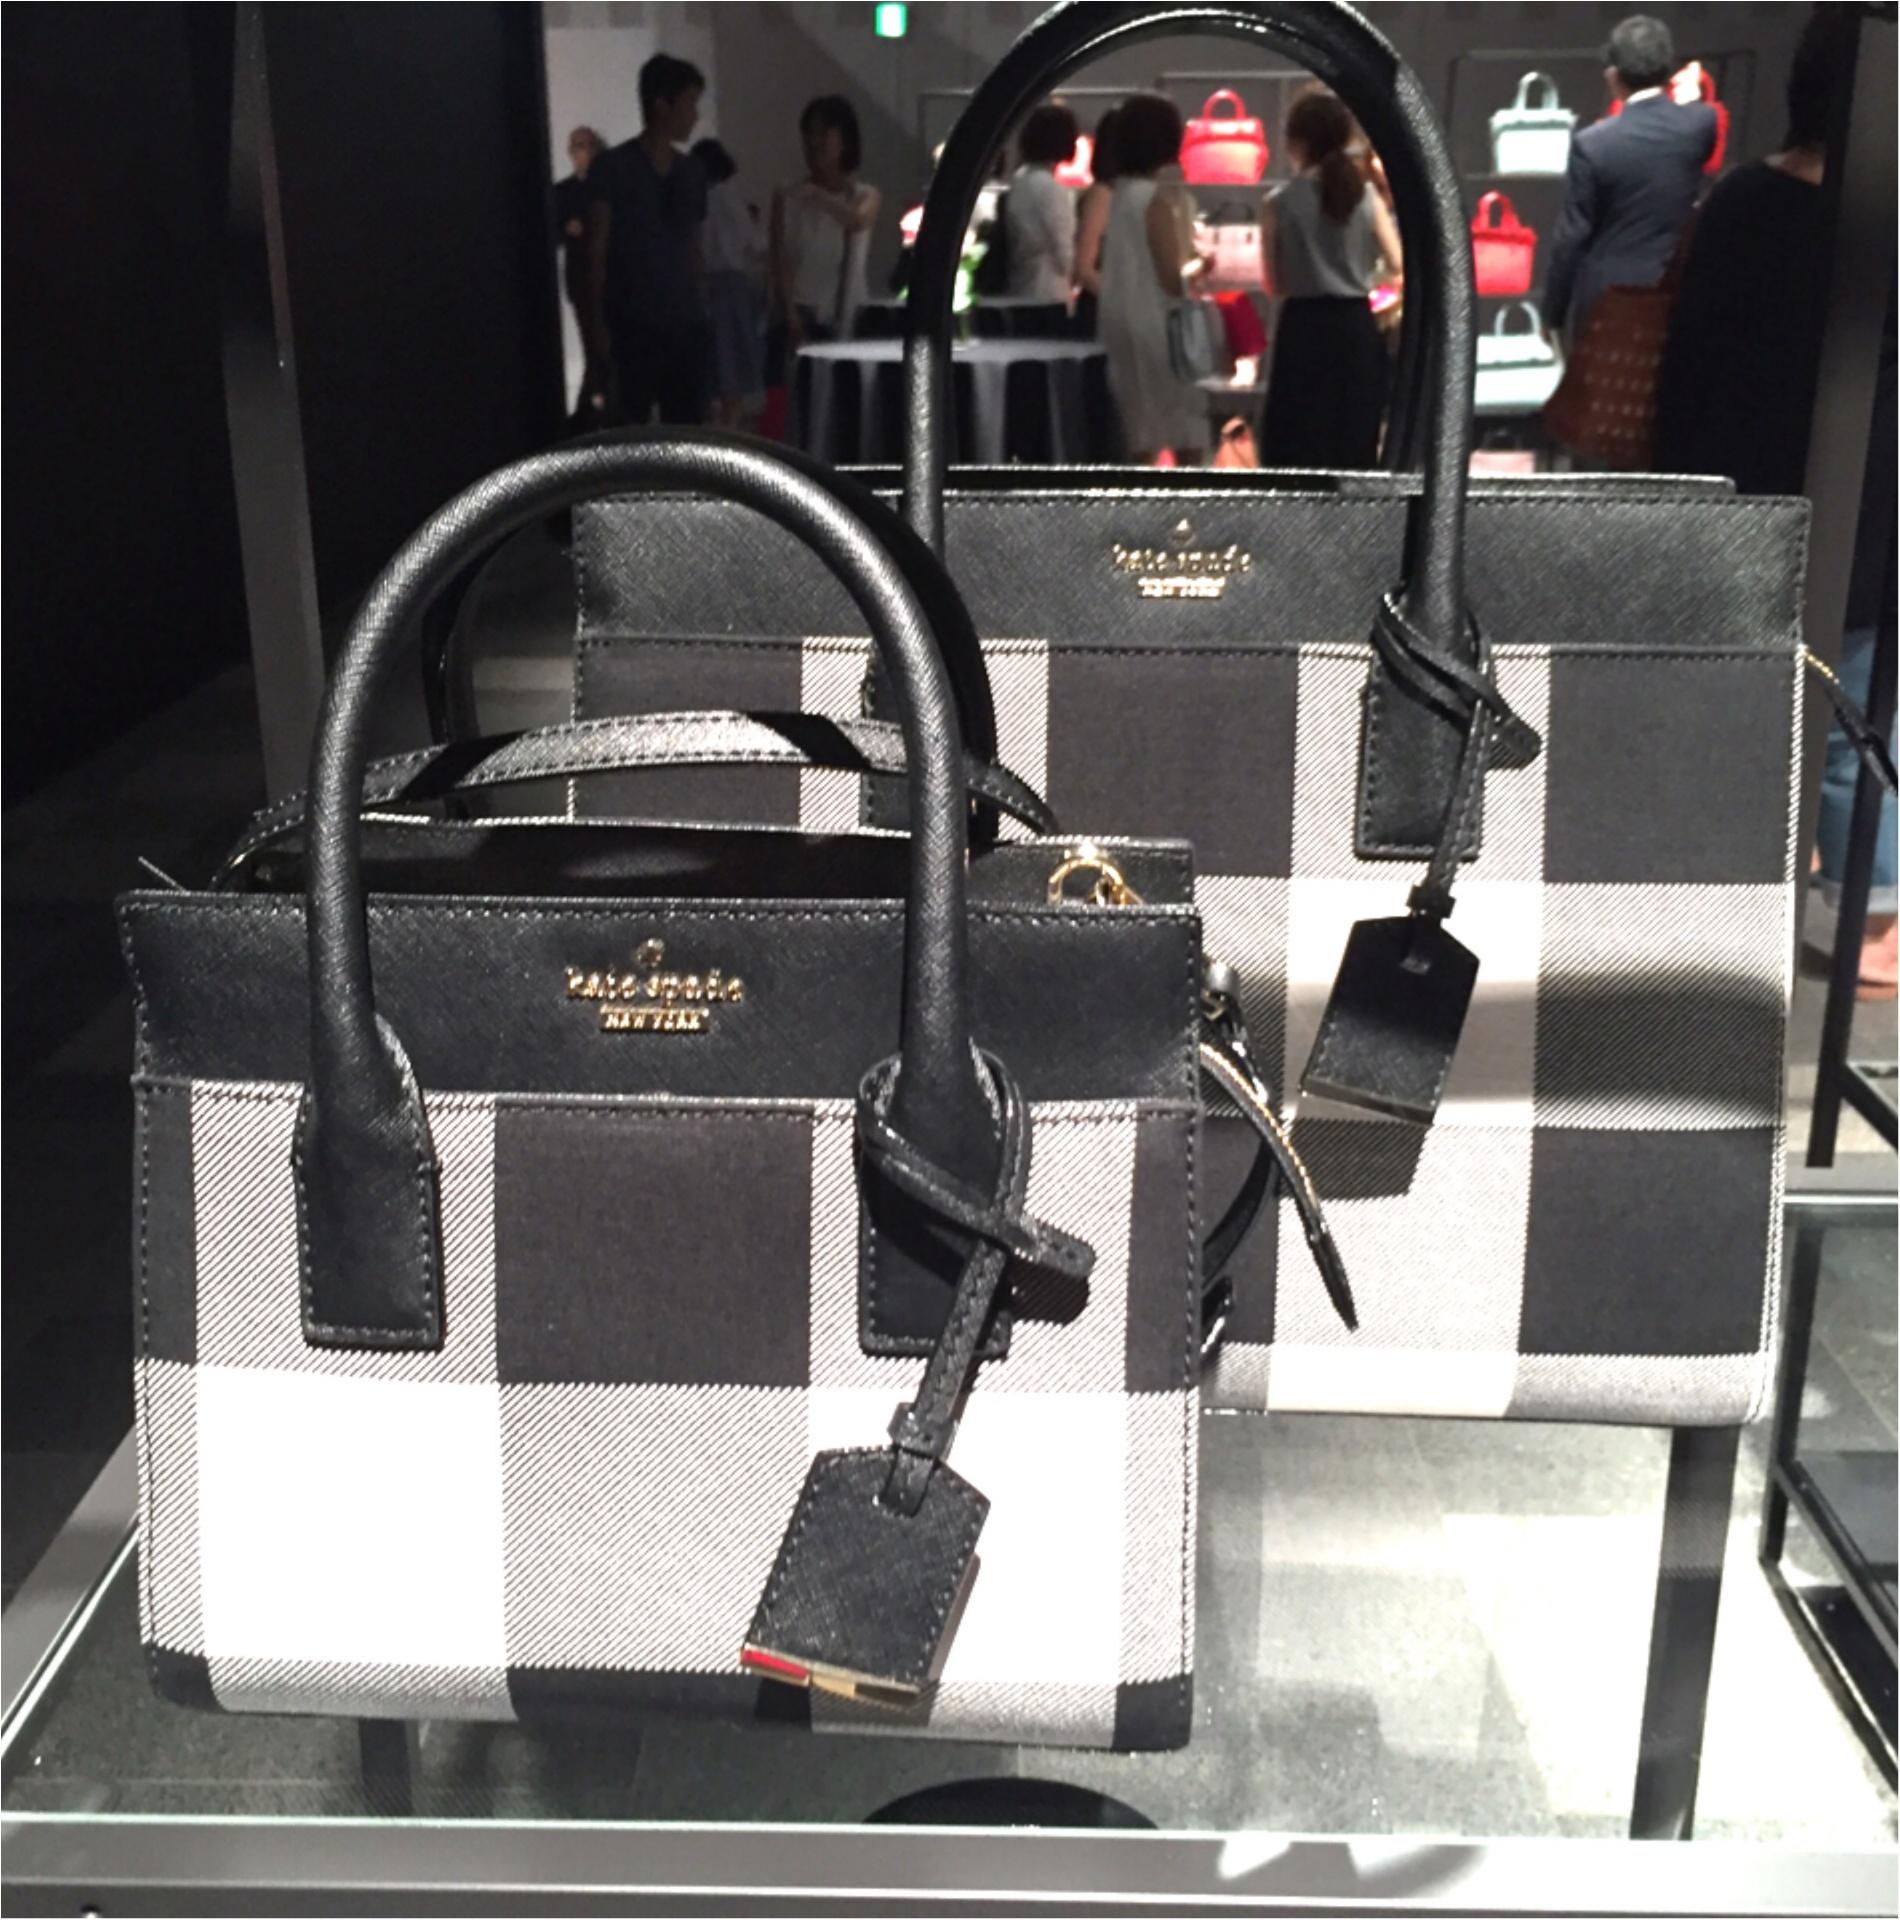 ケイト・スペード ニューヨーク、秋のバッグはどれを選ぶ?_5